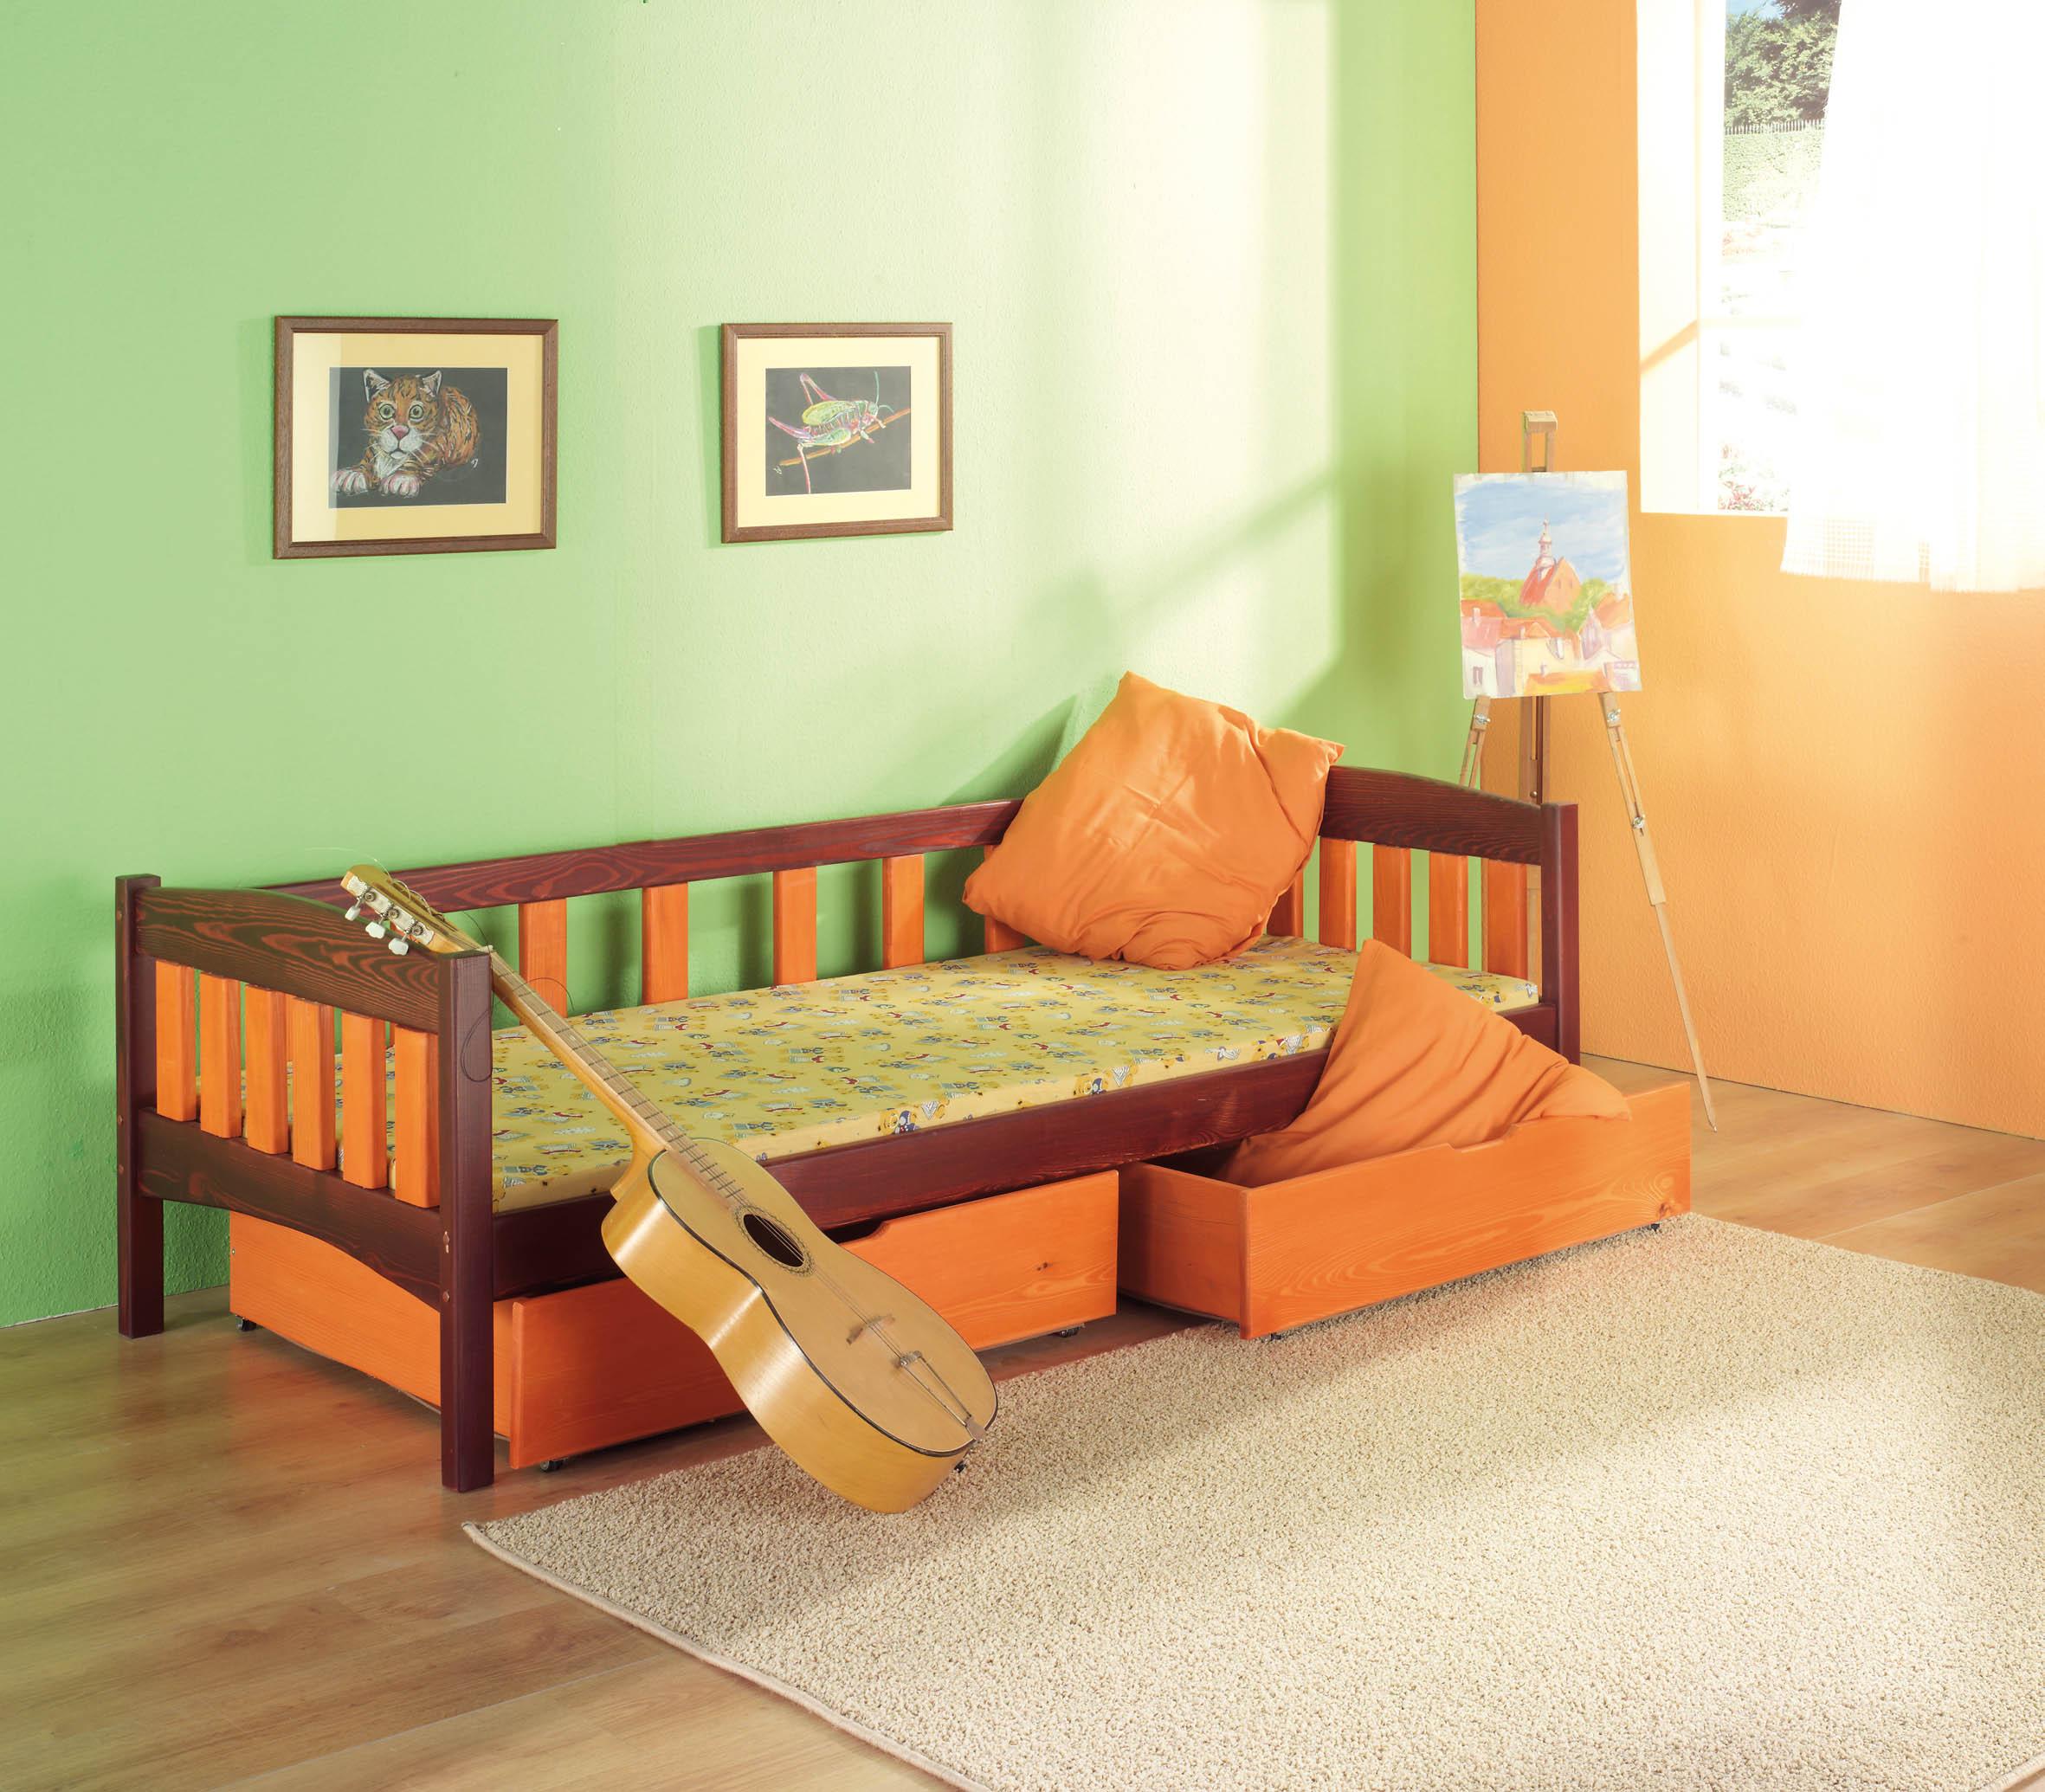 ArtBed Detská posteľ Zuzanna Prevedenie: Borovica prírodná